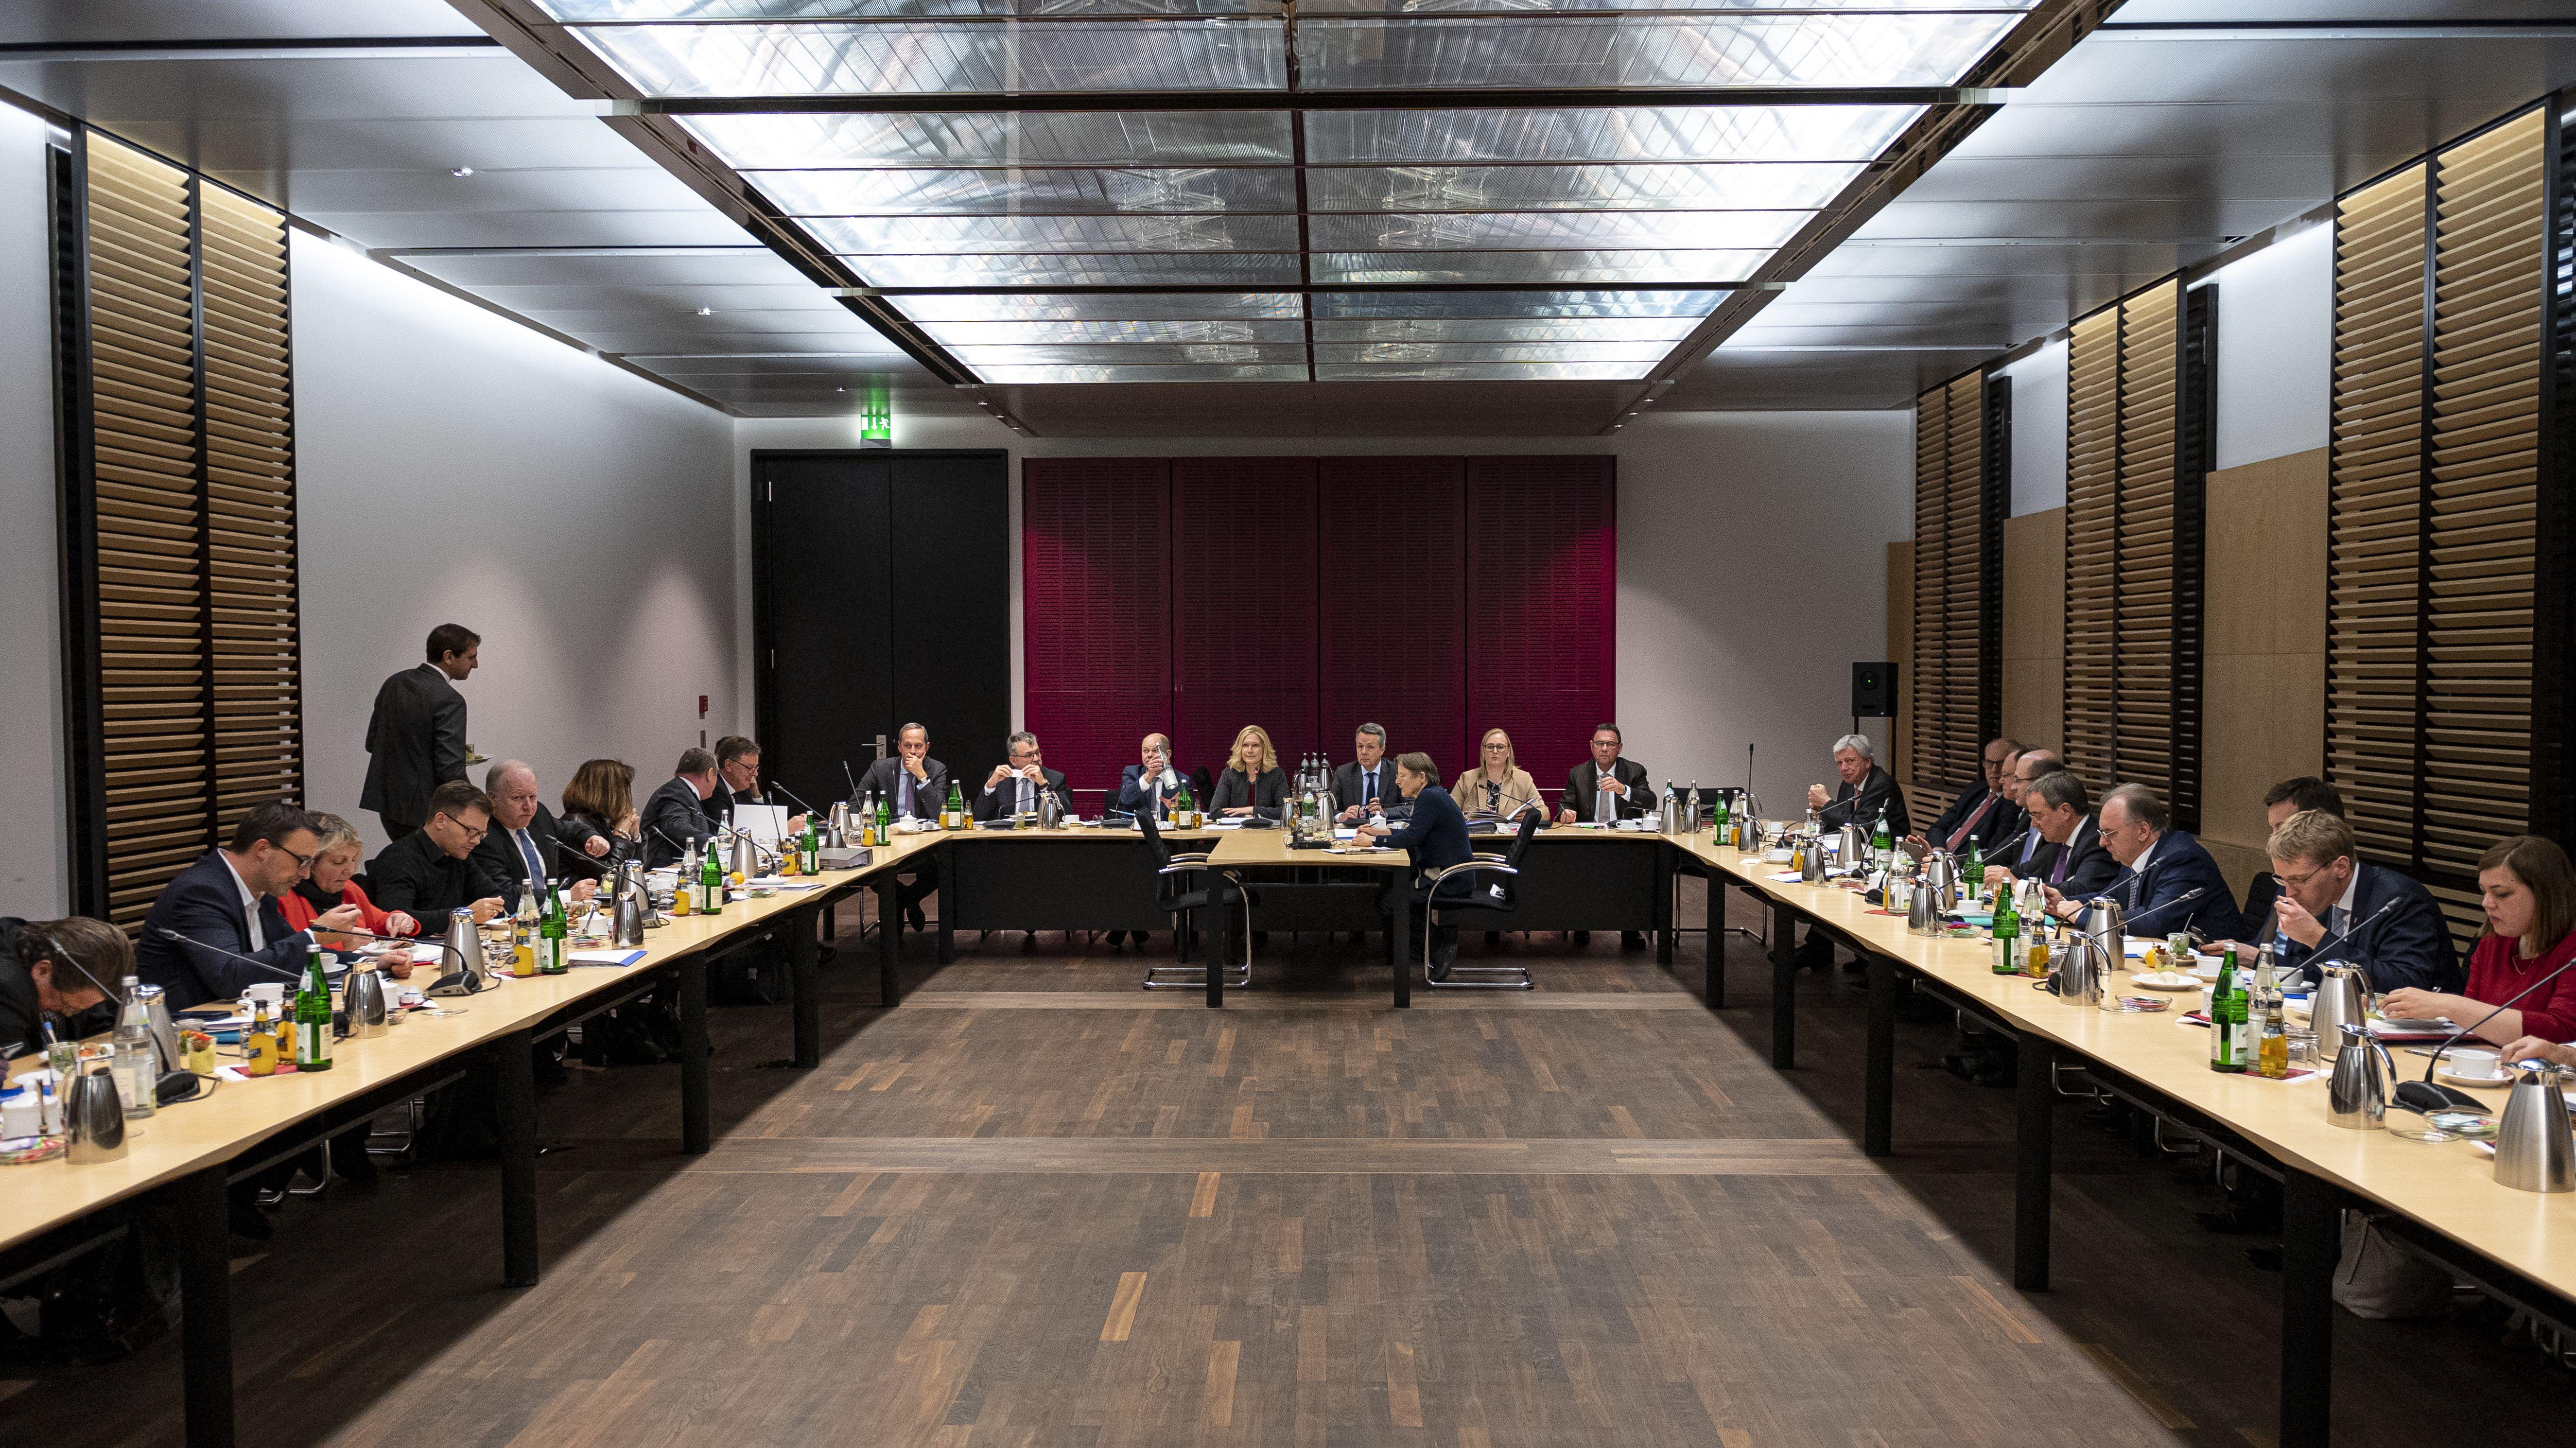 Berlin: Die Mitglieder sitzen vor der ersten Sitzung des Vermittlungsausschusses von Bundestag und Bundesrat zum Klimapaket im Saal.